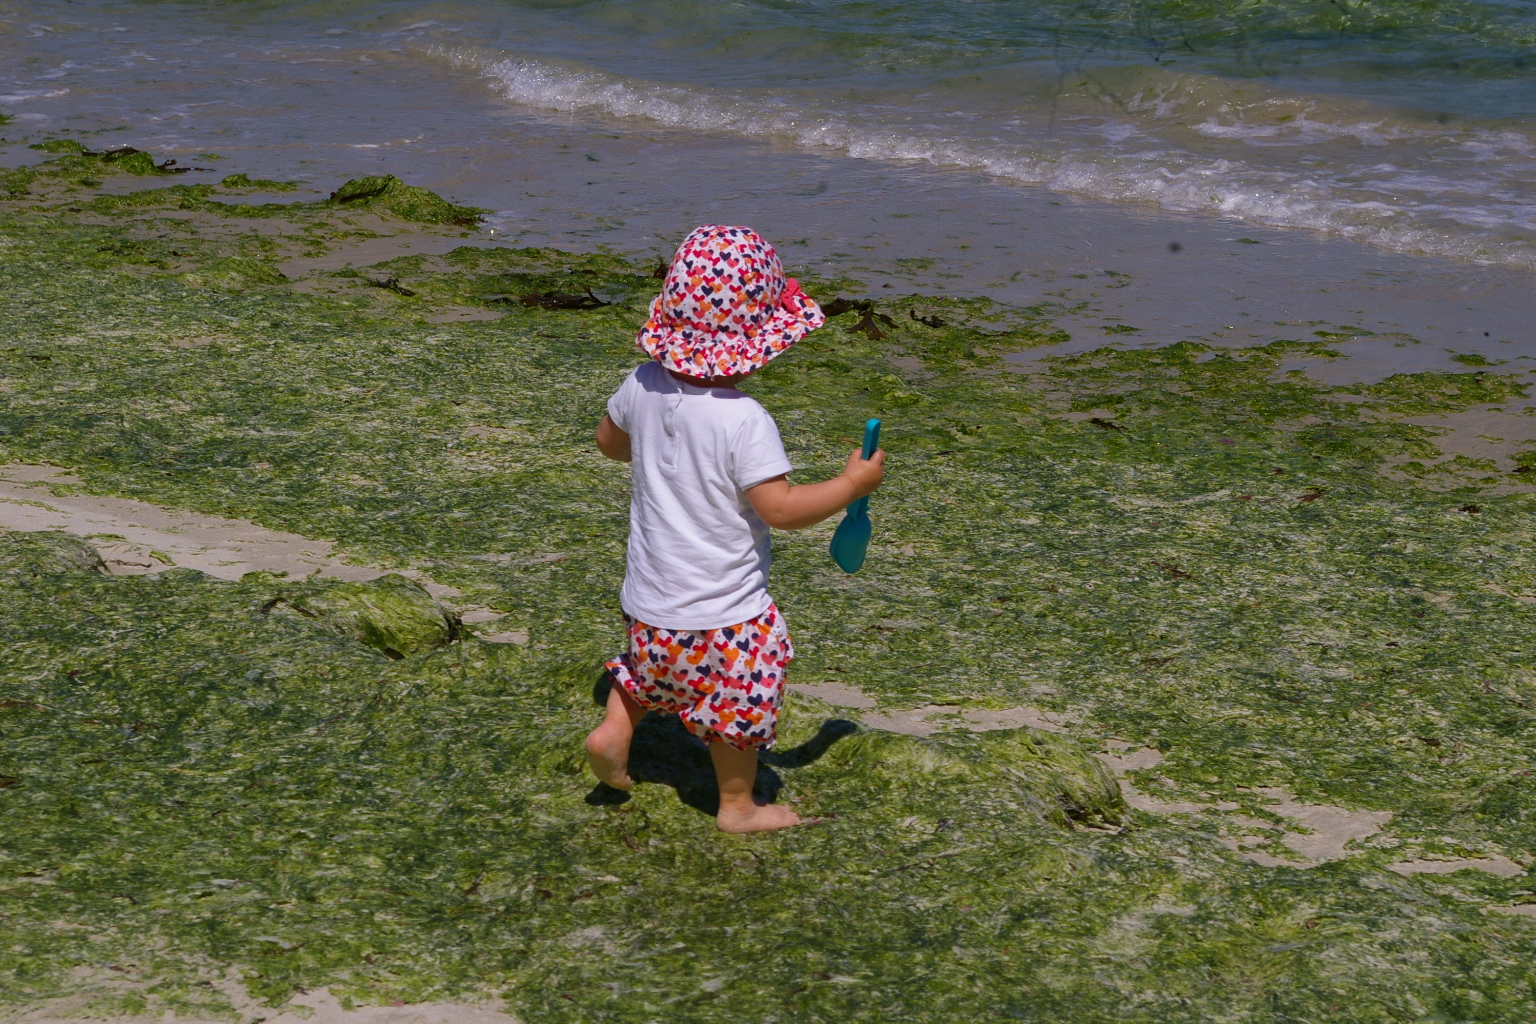 Algues vertes | Il y a urgence à activer le levier réglementaire